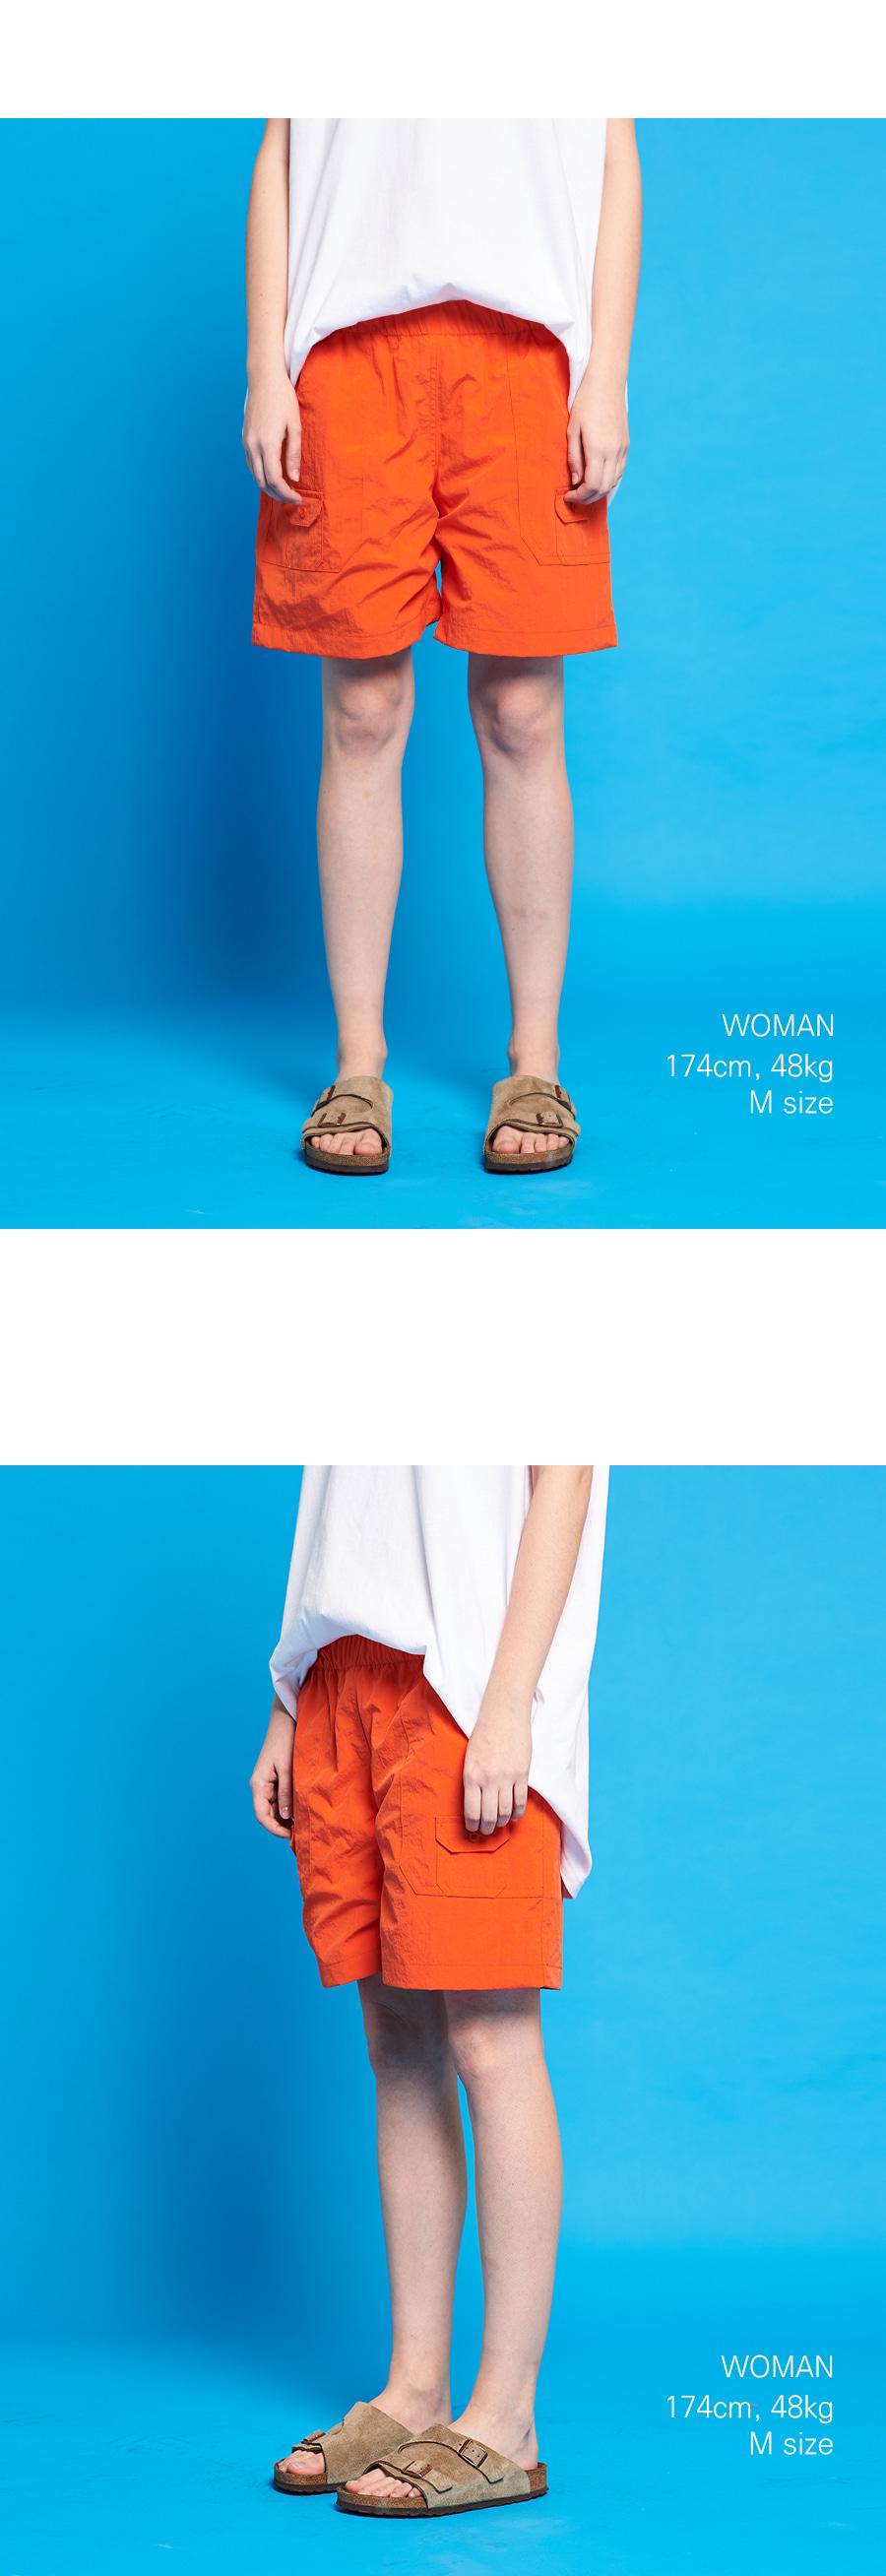 xtp002_or_woman_1.jpg